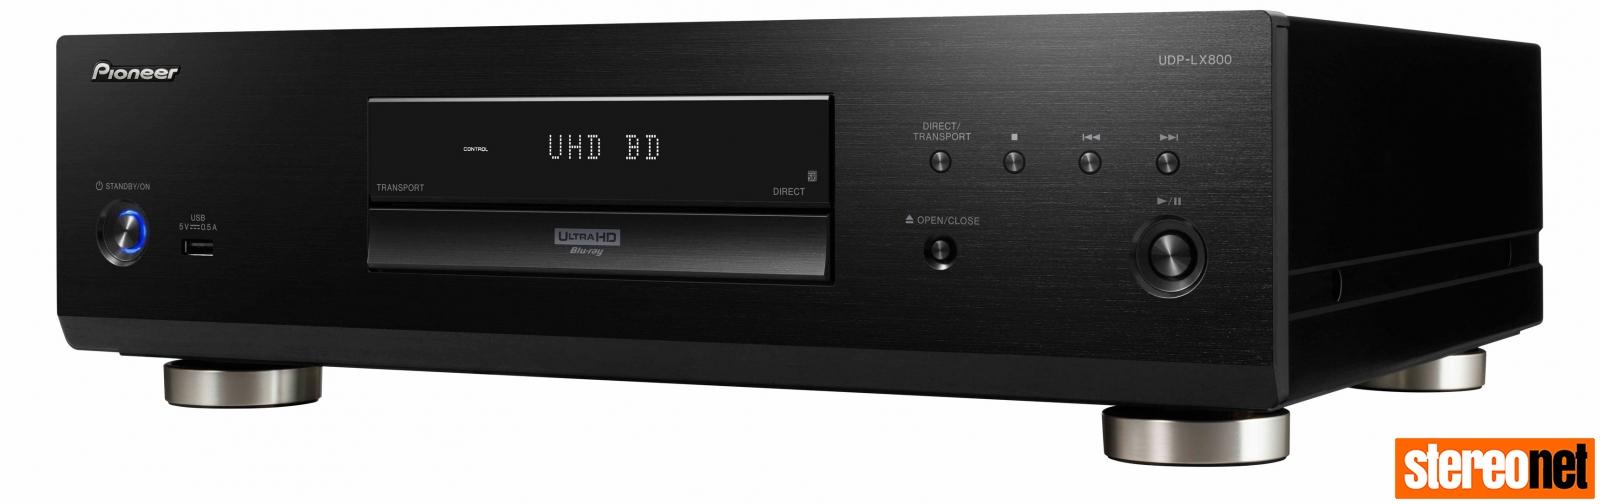 Pioneer UDP-LX800 HDR10+